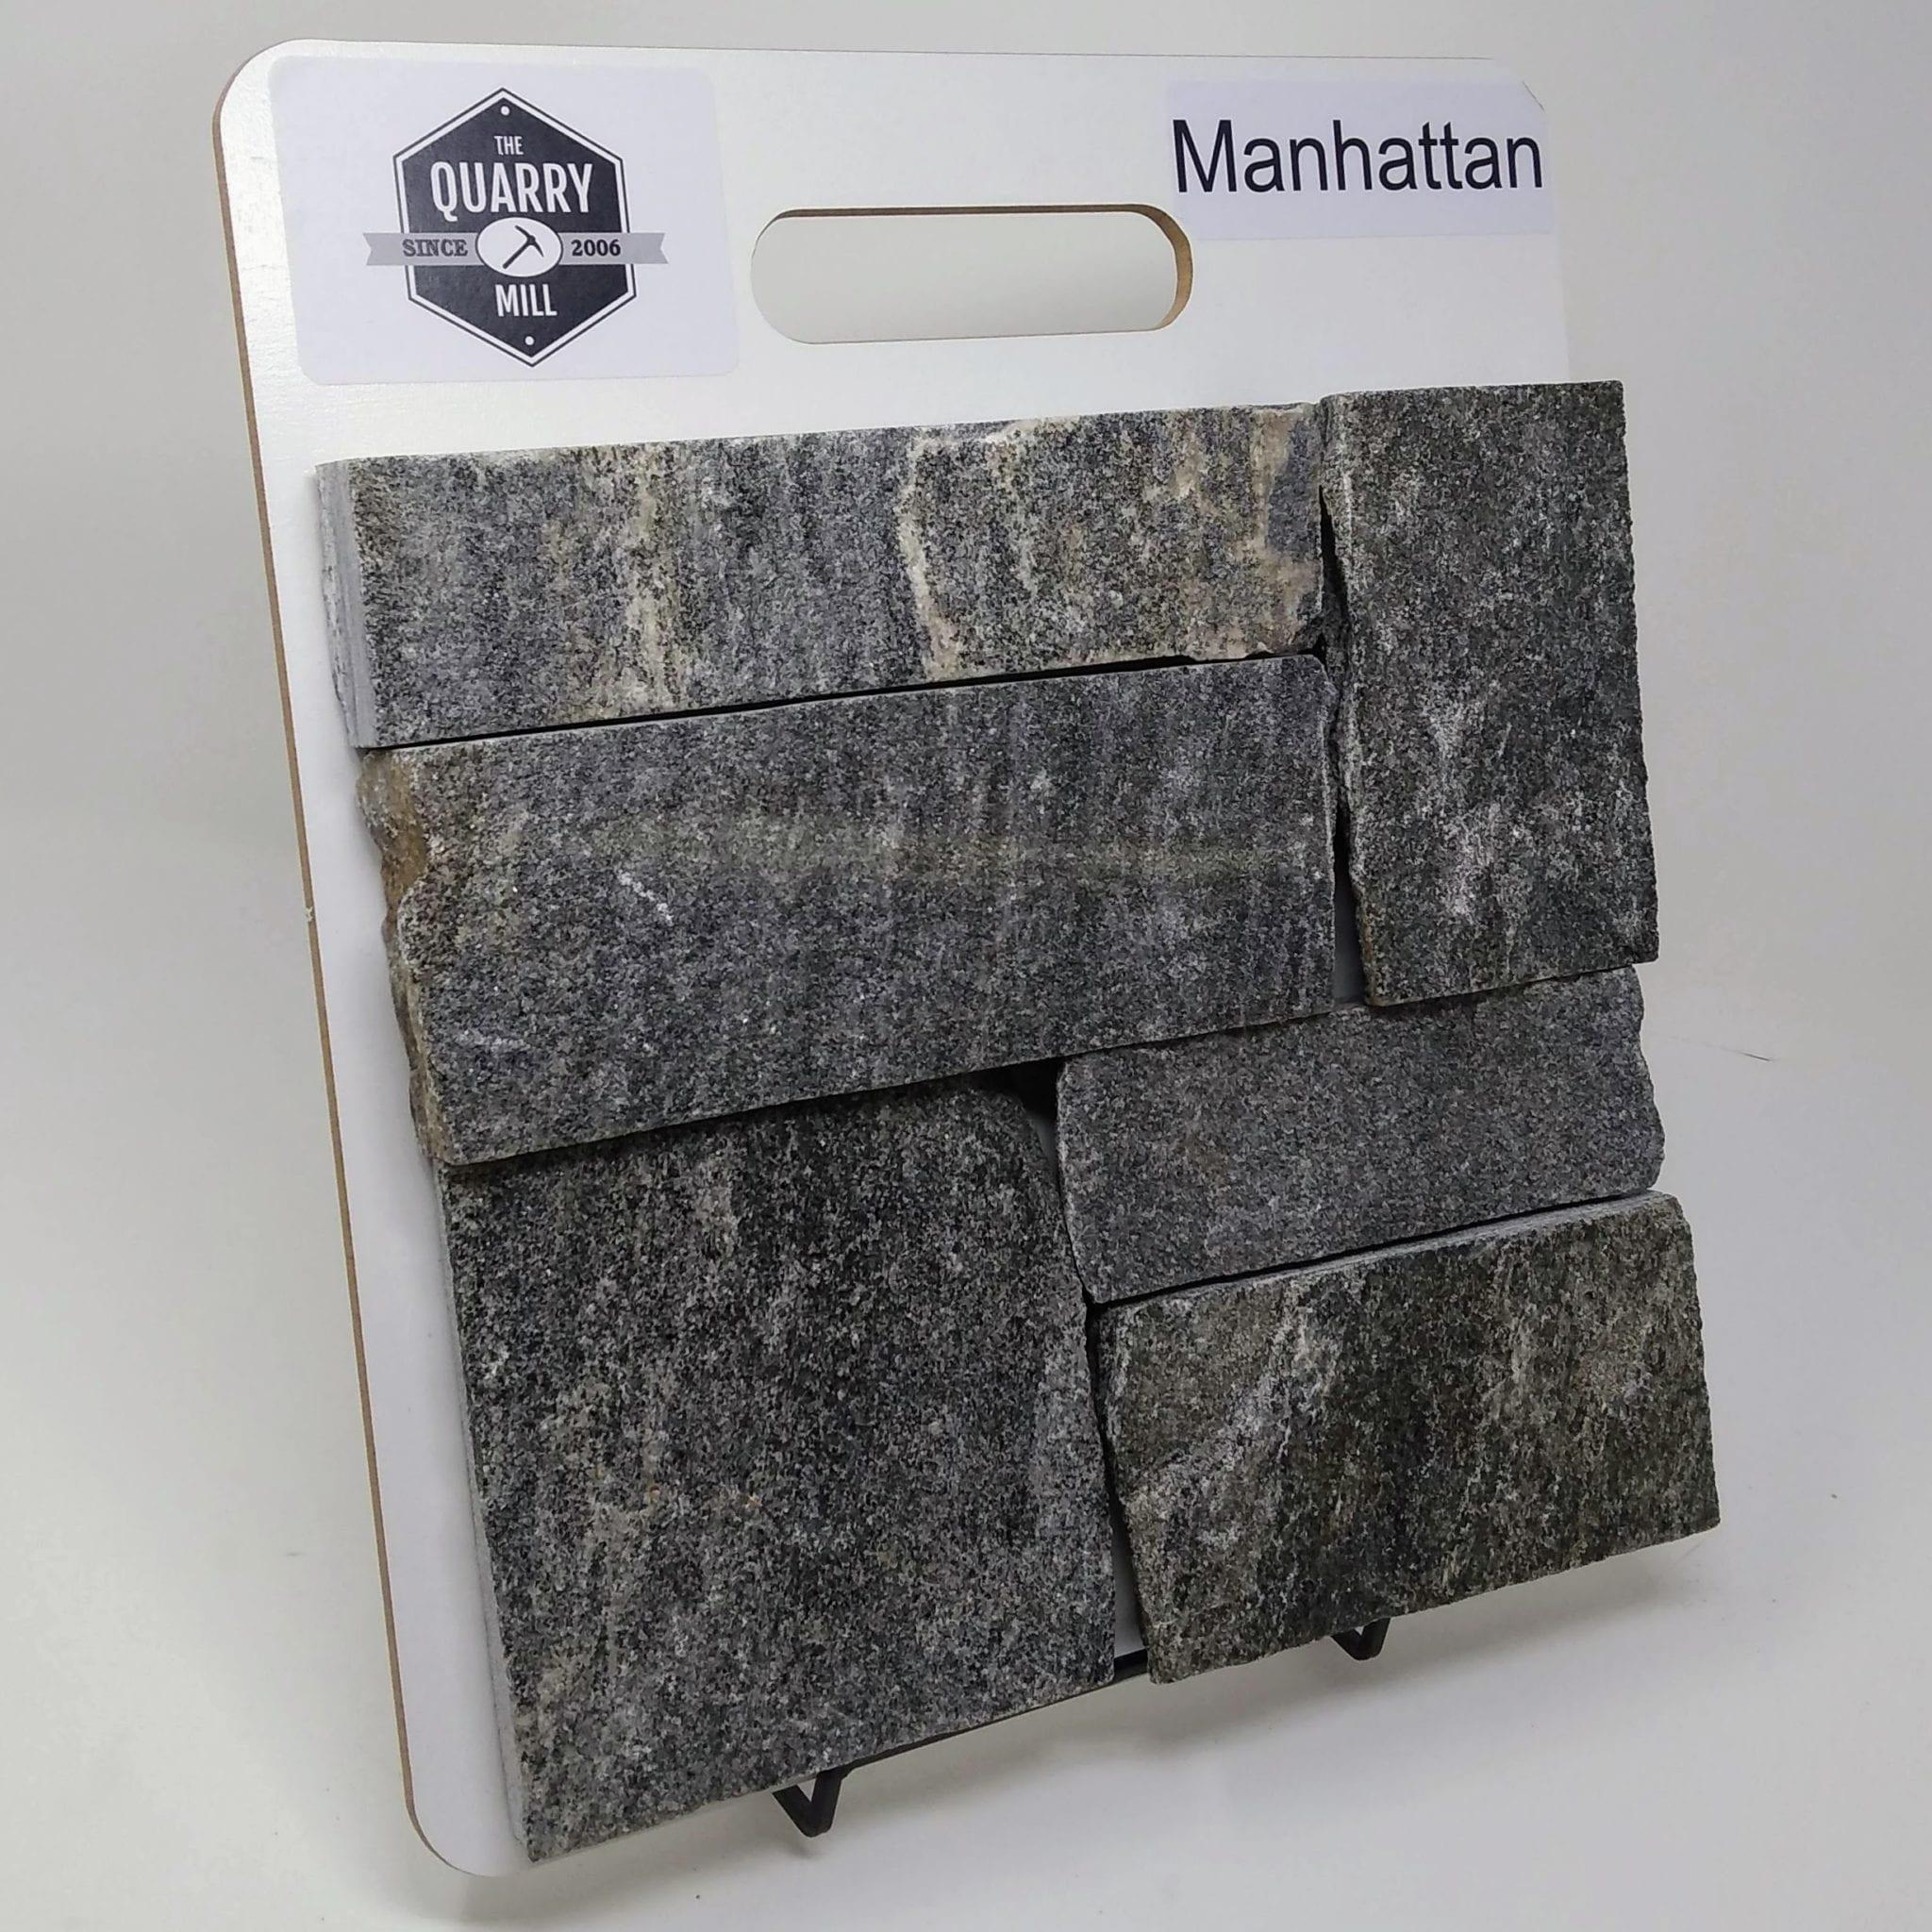 Manhattan Natural Stone Veneer Sample Board